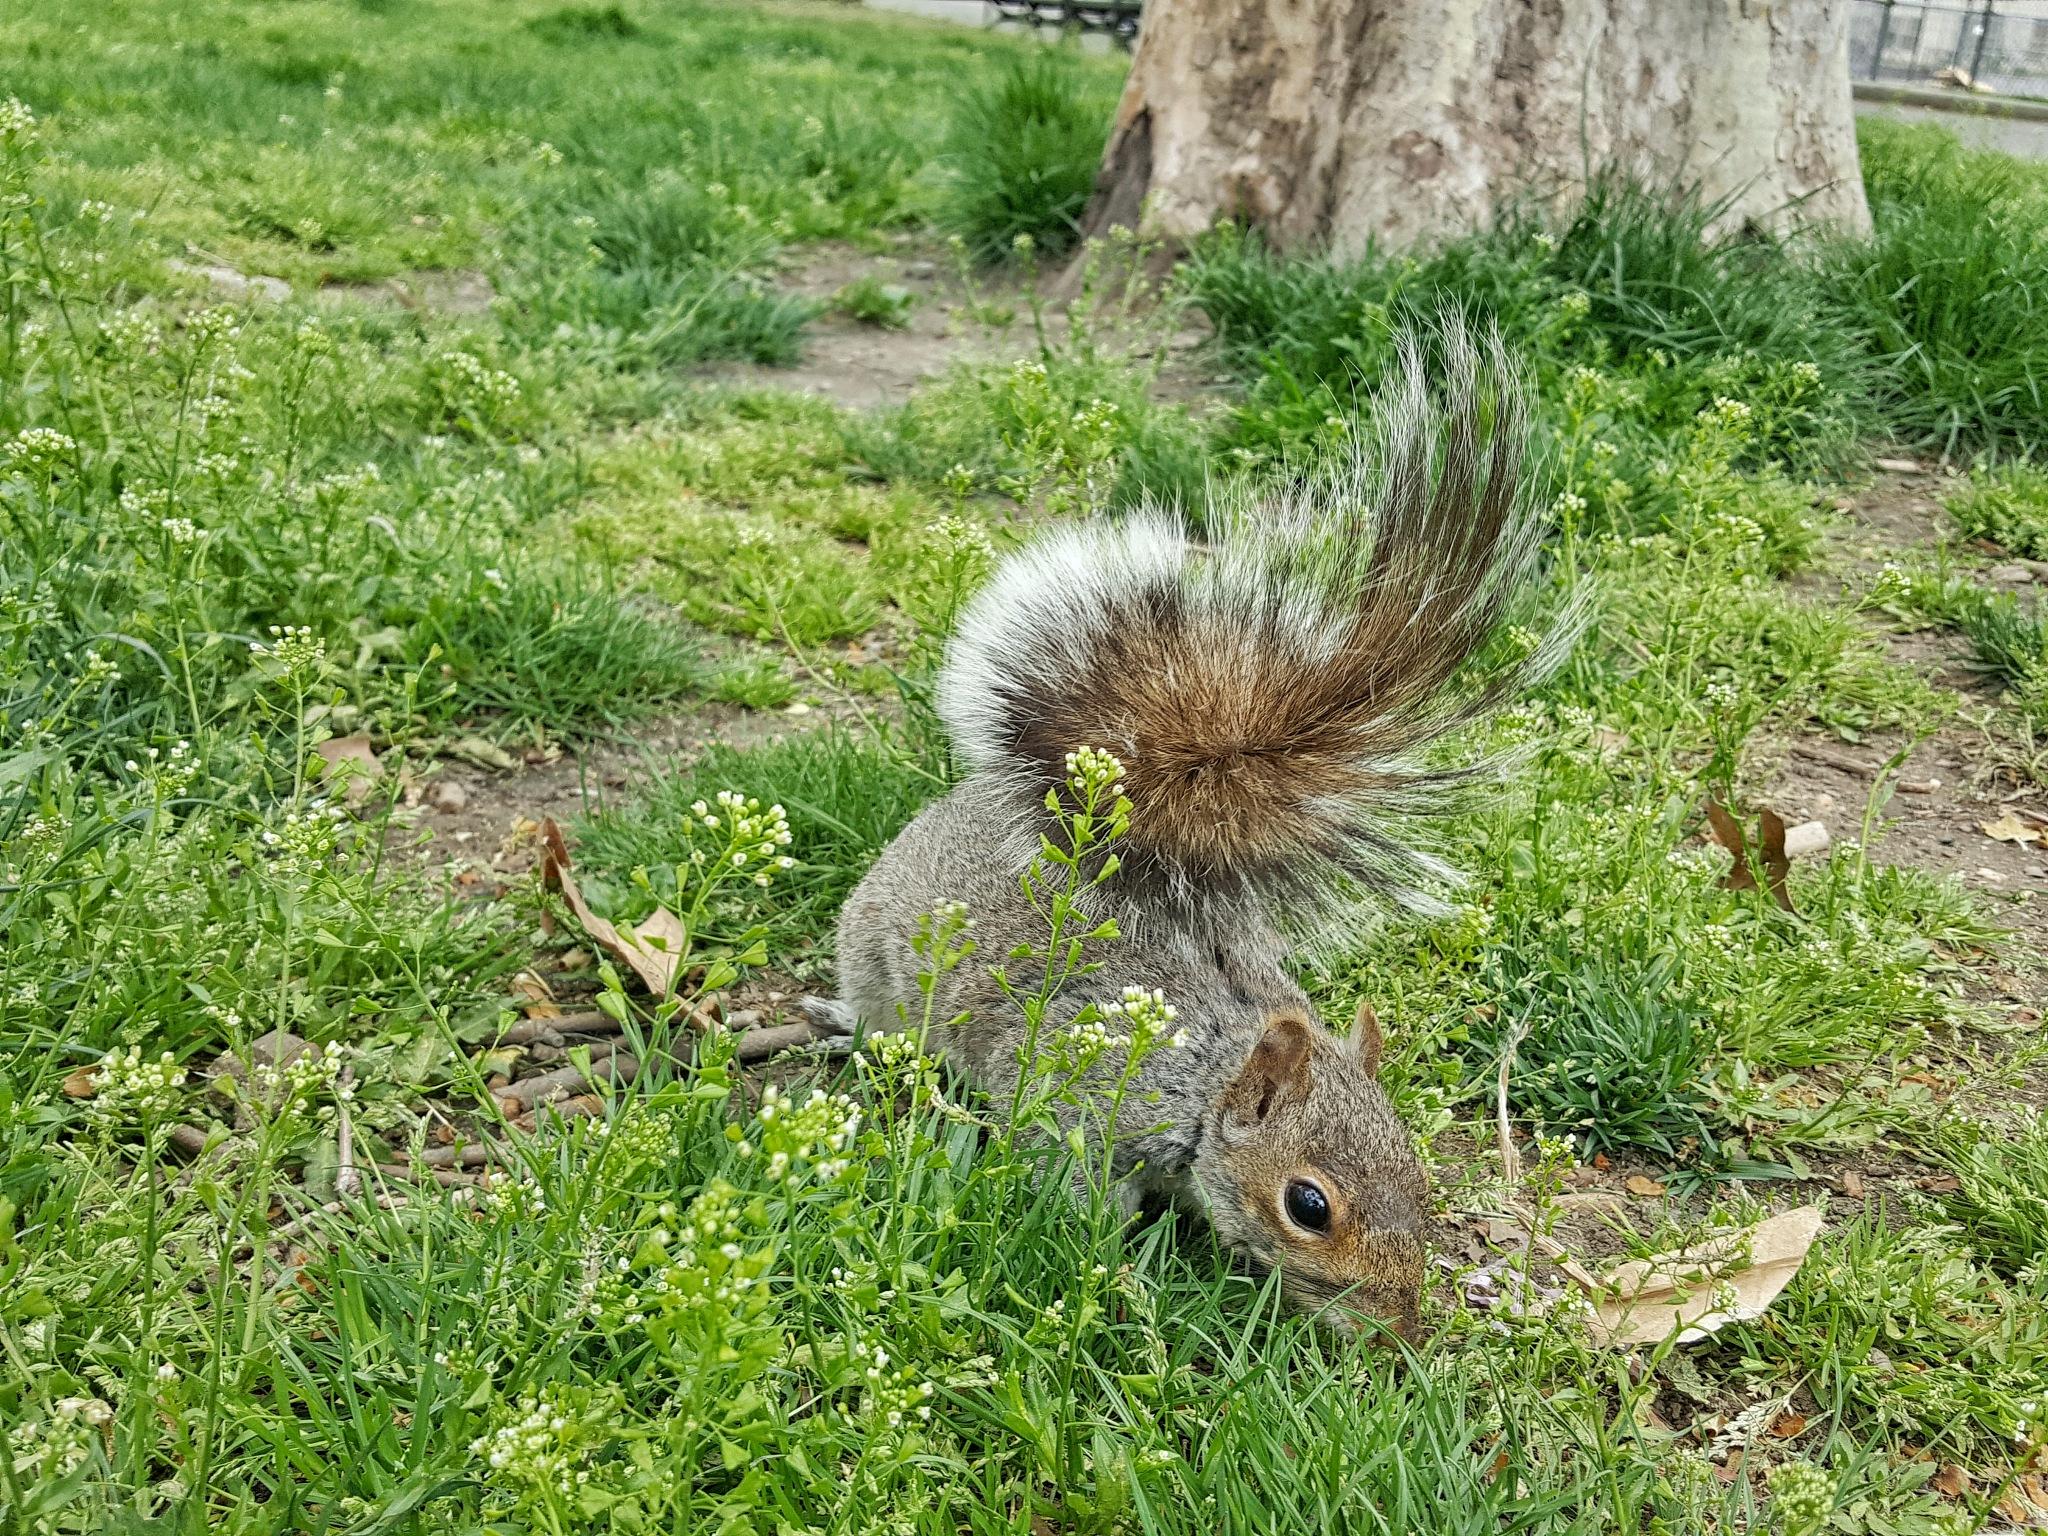 Jacinto the Squirrel by GABRIEL HERNANDEZ